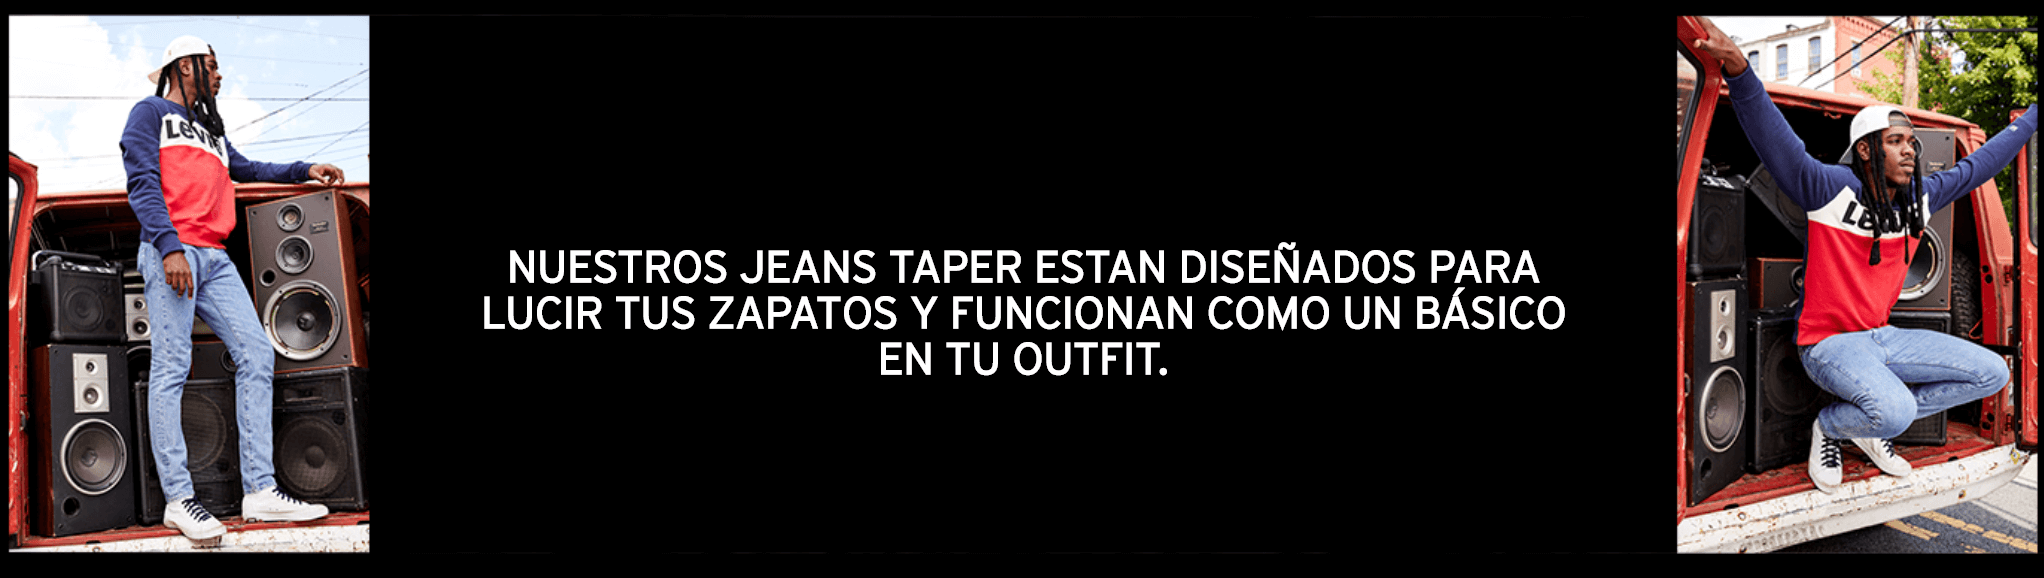 nuestros jeans taper estan diseñados para